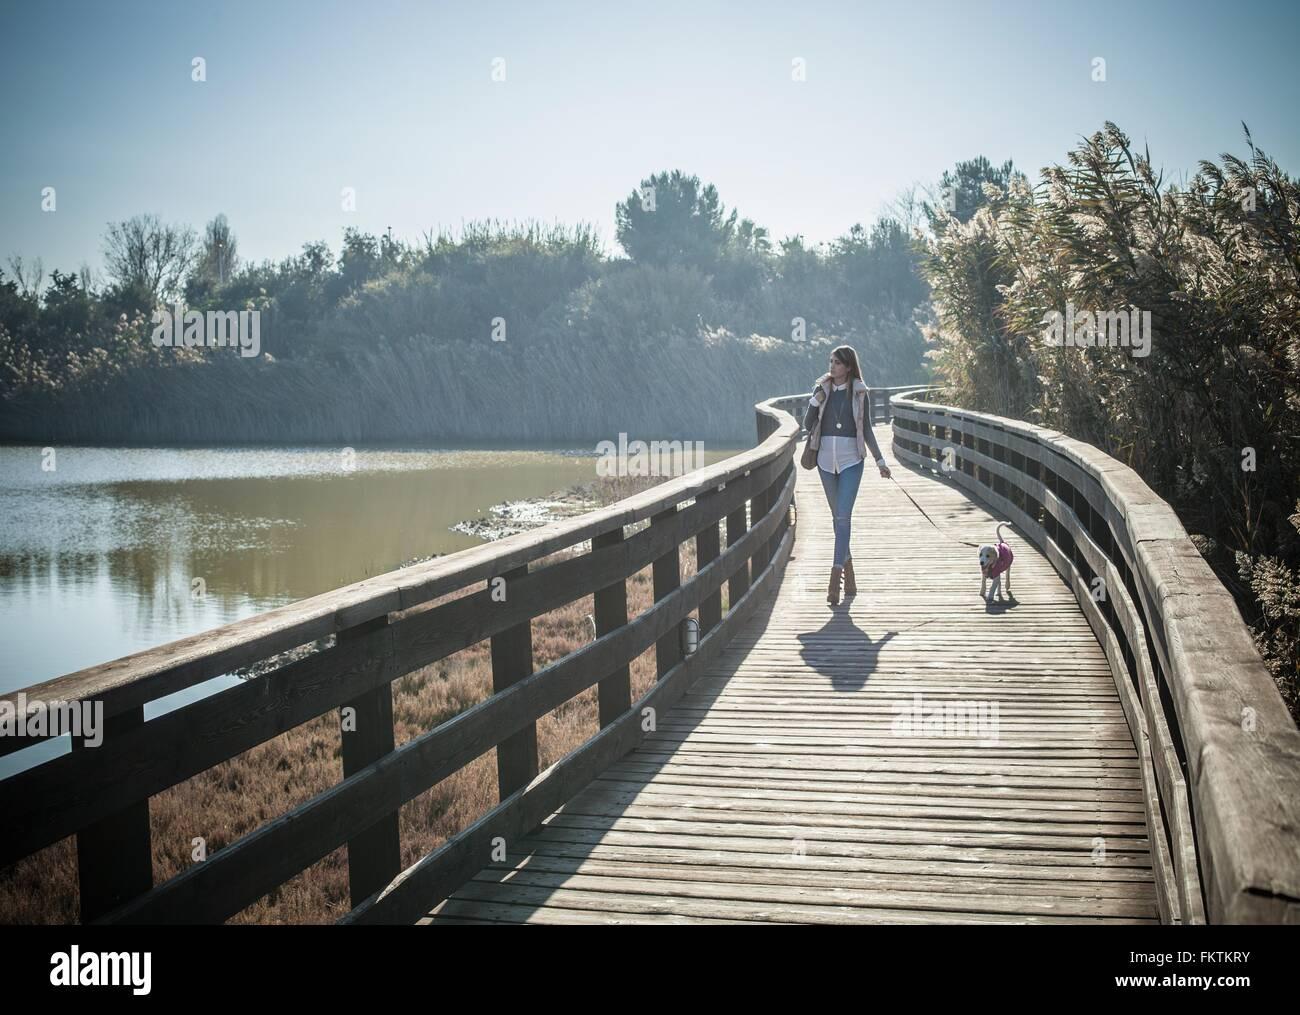 Voller Länge Vorderansicht junge Frau erhöhten Holzsteg Wandern Hund Stockbild